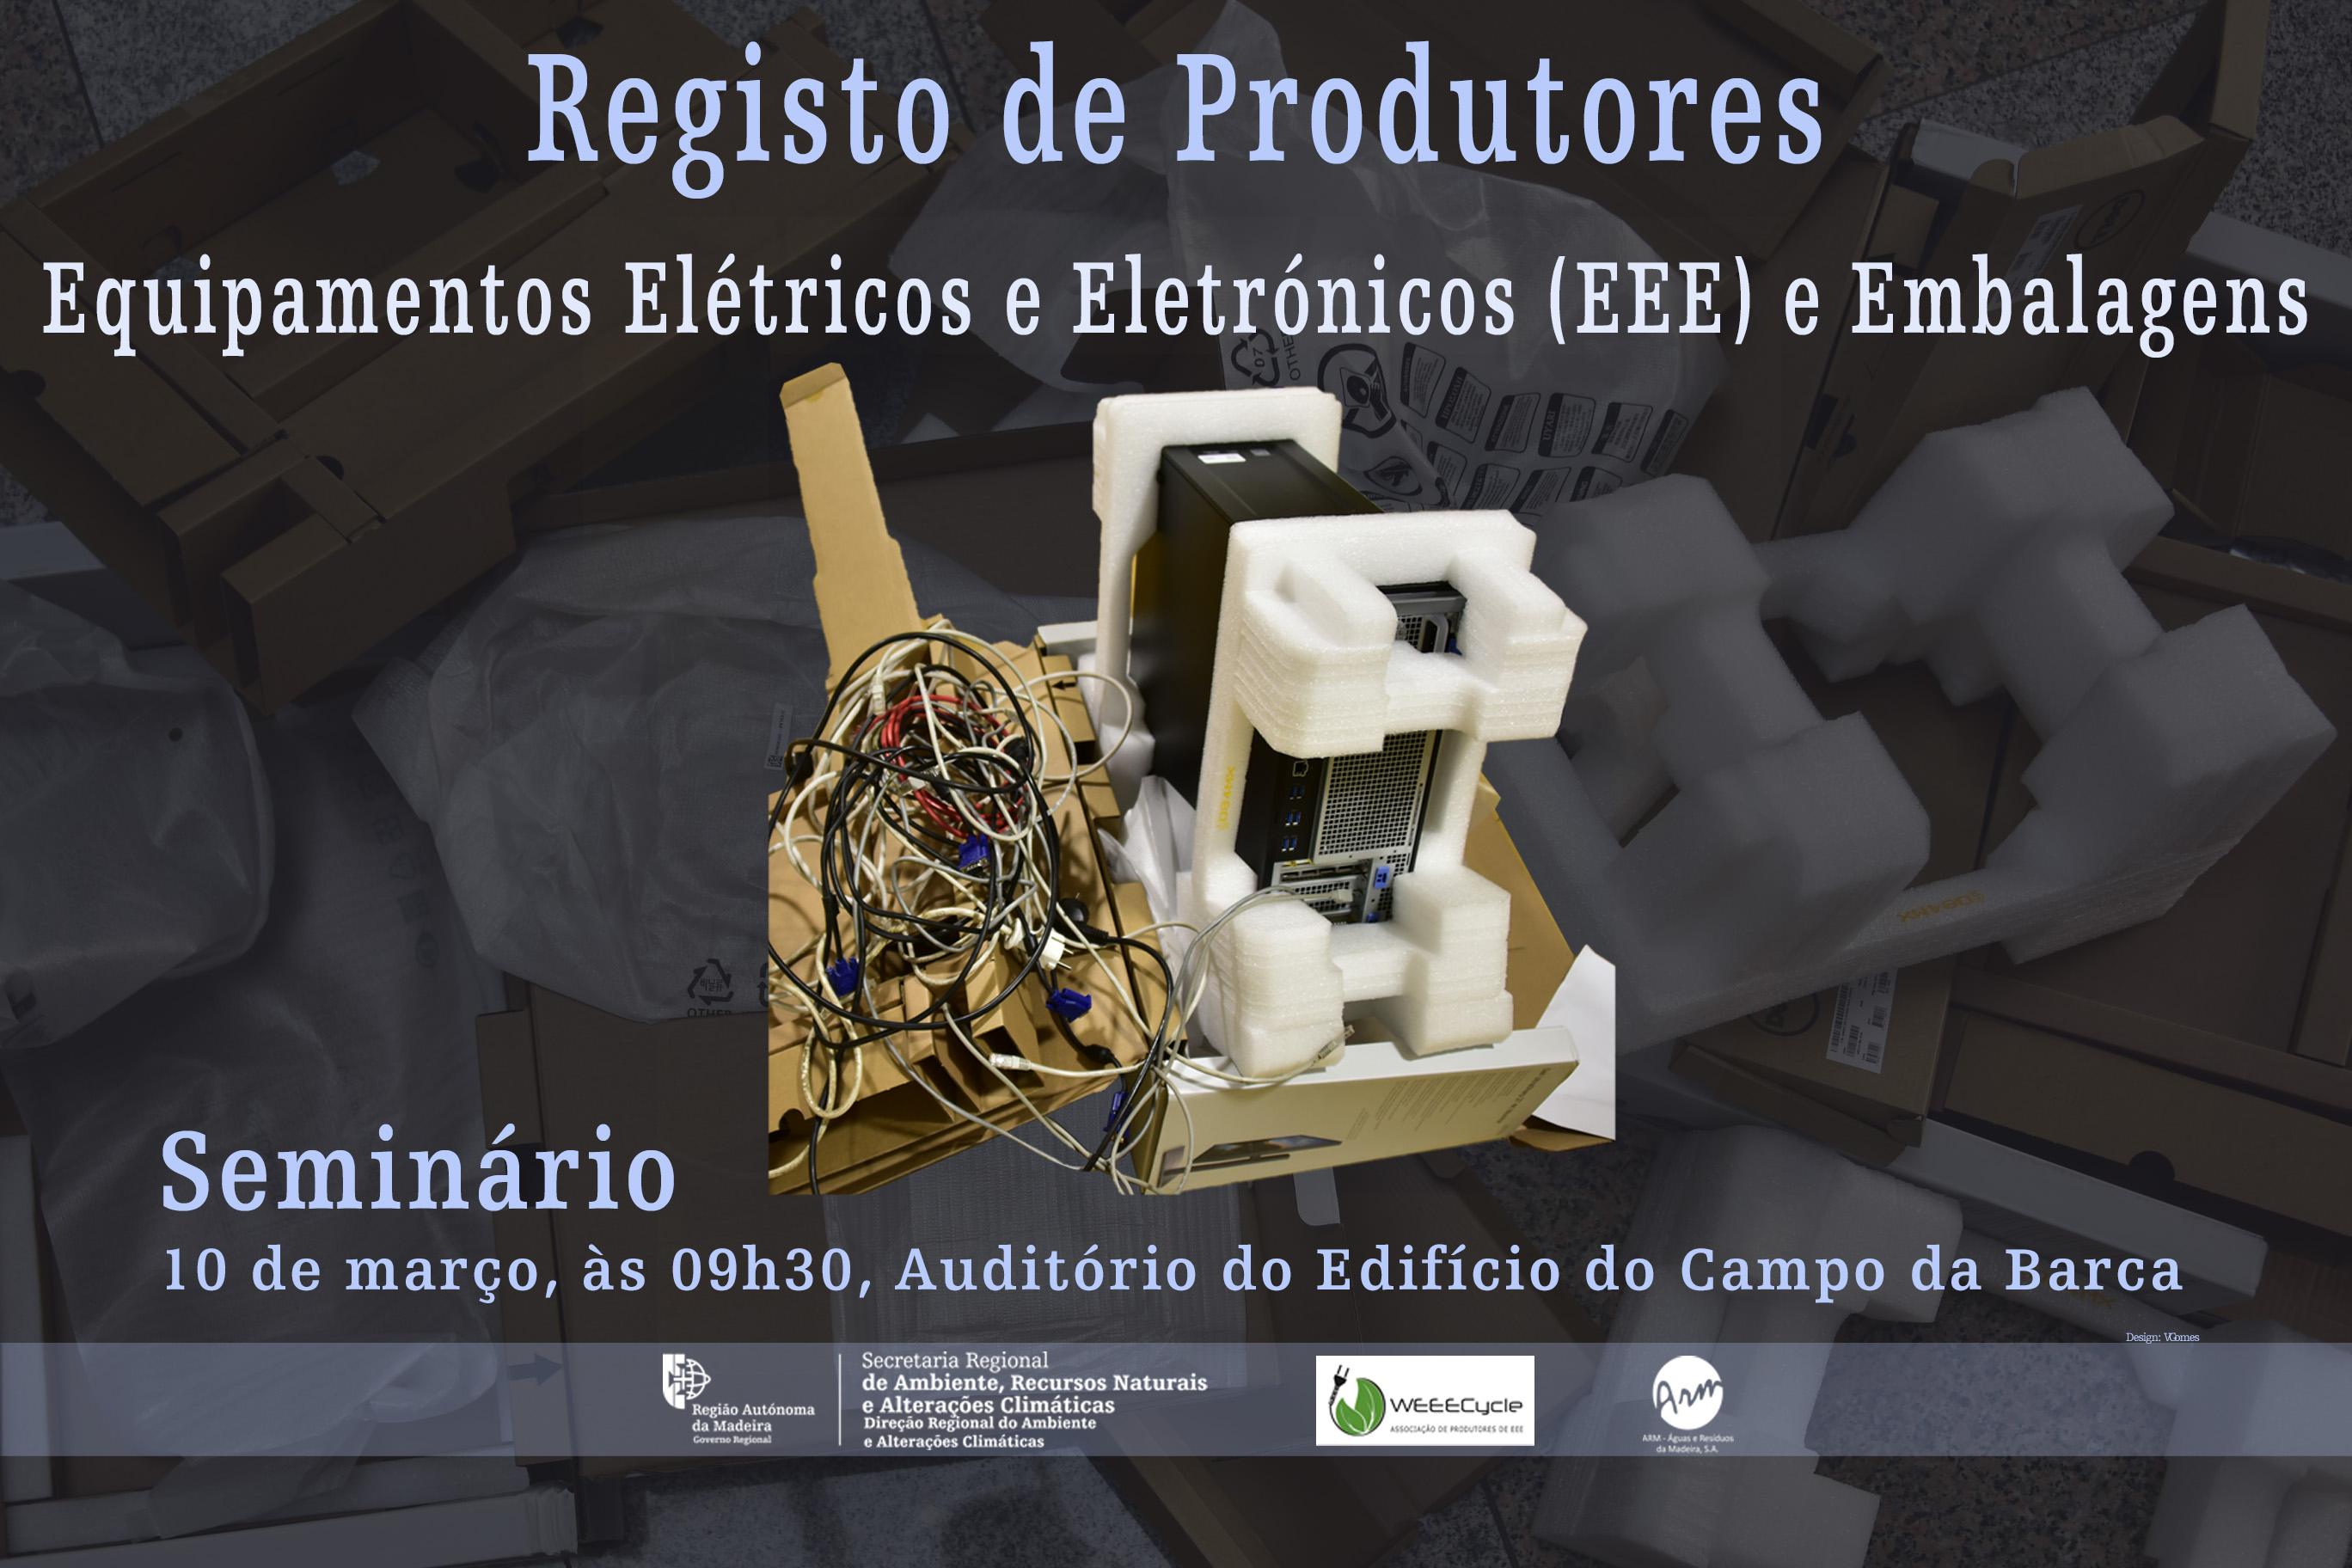 """Seminário """"Registo de Produtores de Equipamentos Elétricos e Eletrónicos (EEE) e de Embalagens"""""""